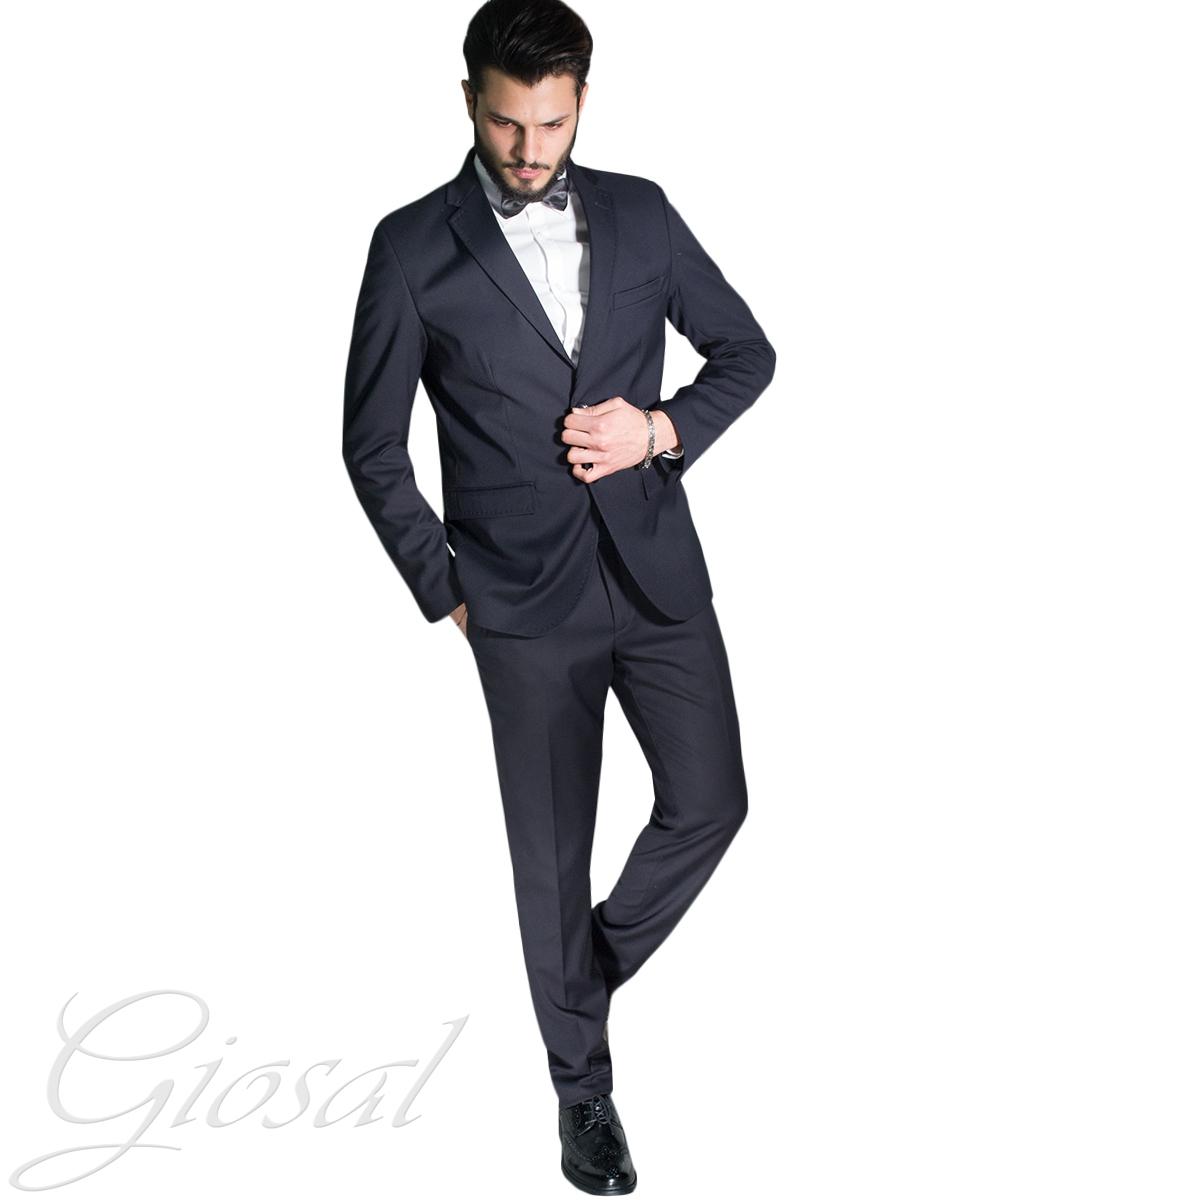 Vestiti Eleganti Uomo.Abito Elegante Uomo Vestito Smoking Papillon Tinta Unita Blu